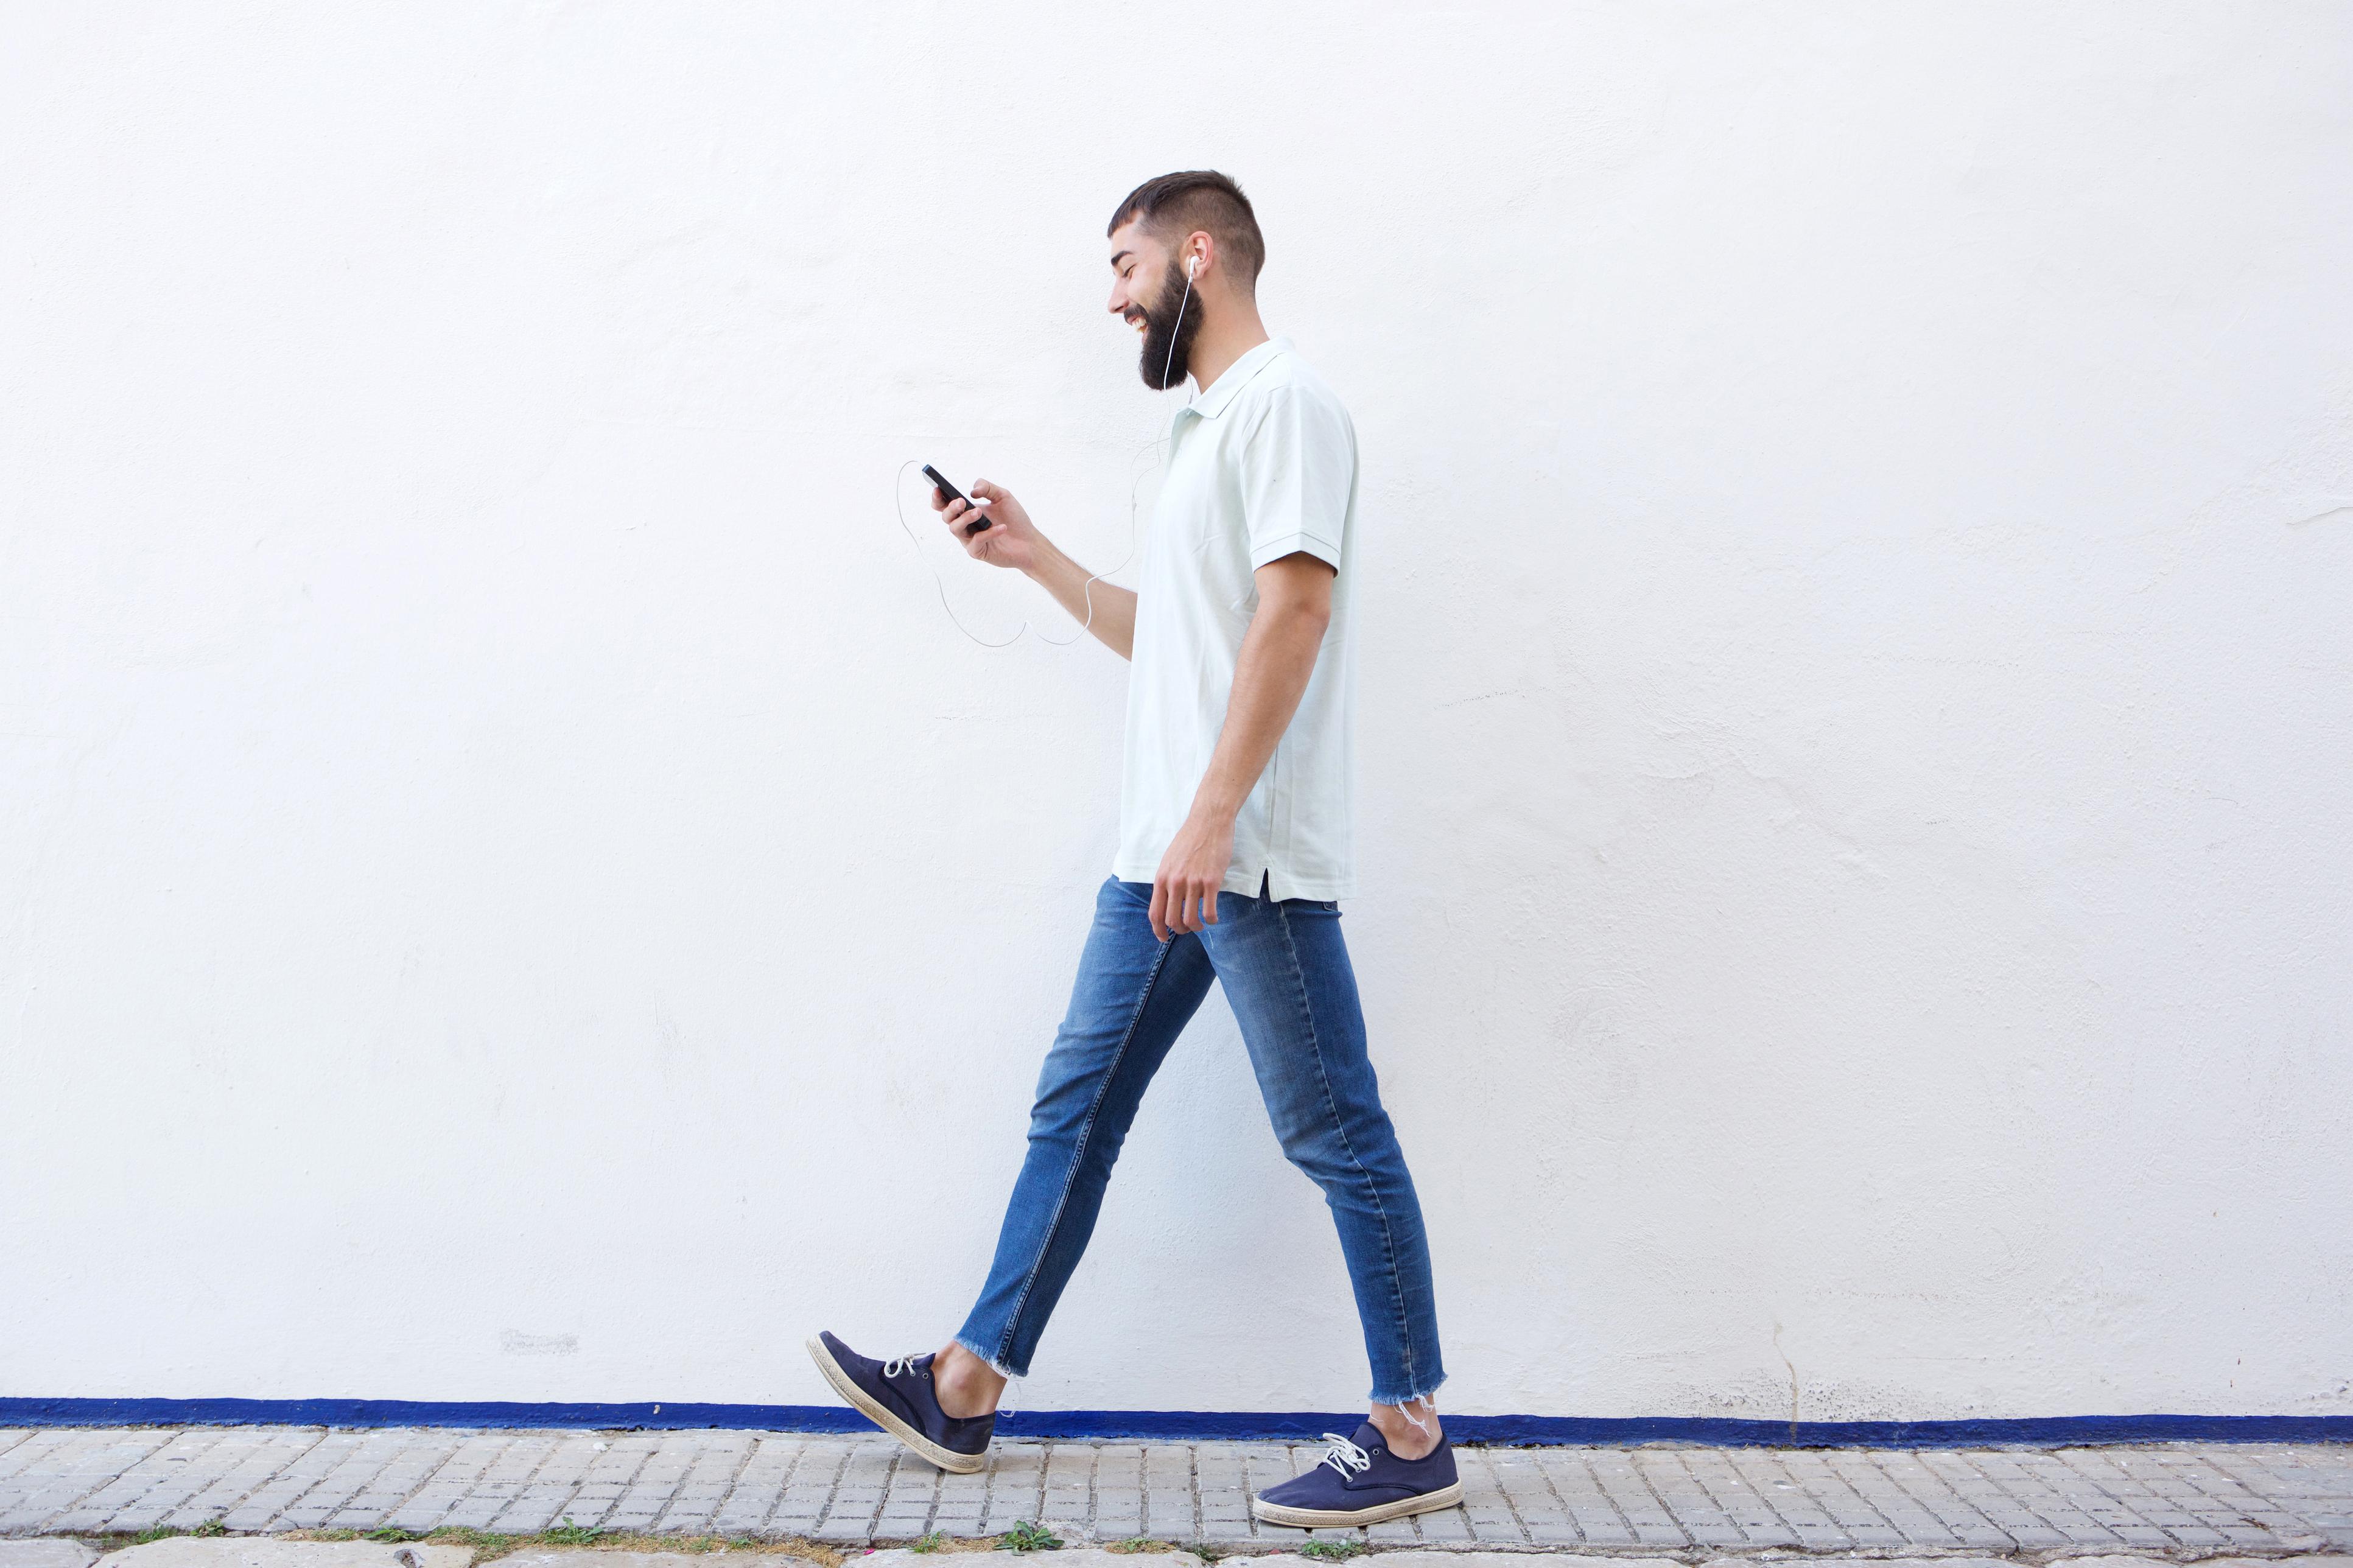 Скільки кроків потрібно проходити в день, щоб схуднути: висновки експертів